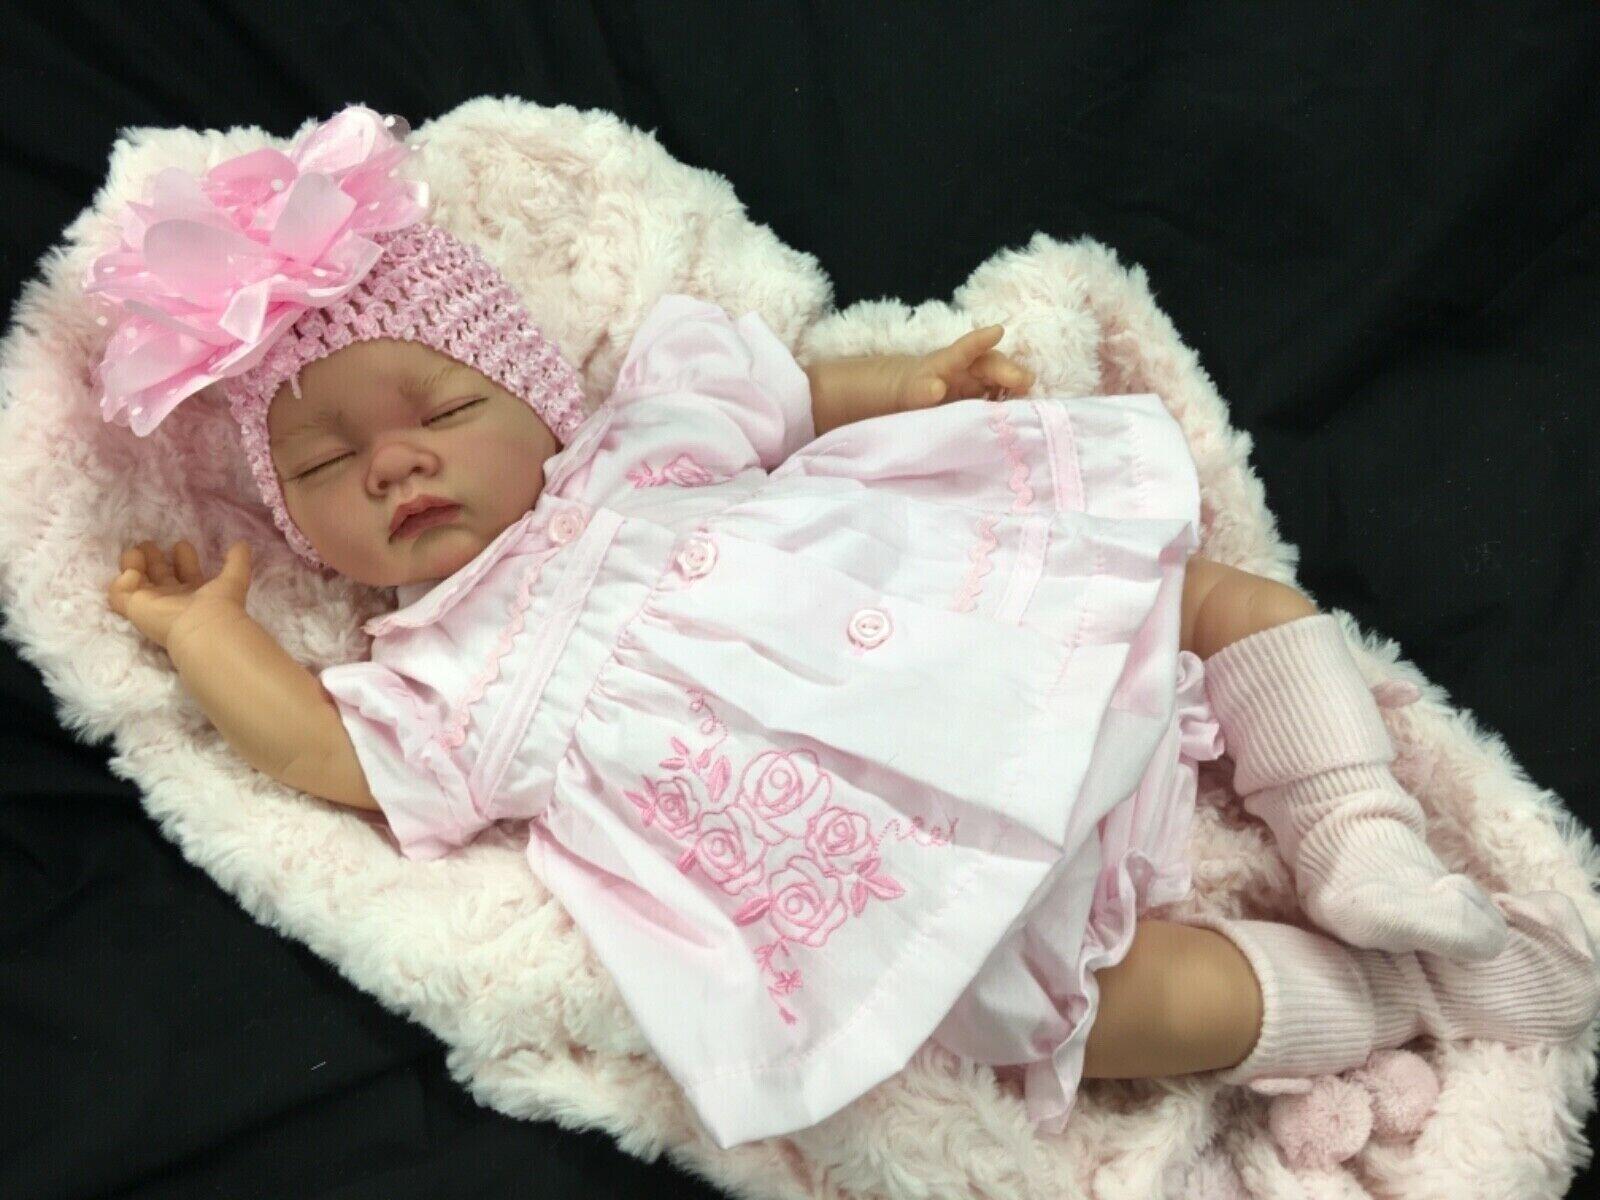 BELLISSIMO neonato RINATO BABY GIRL SPAGNOLO rosadodo Abito P S